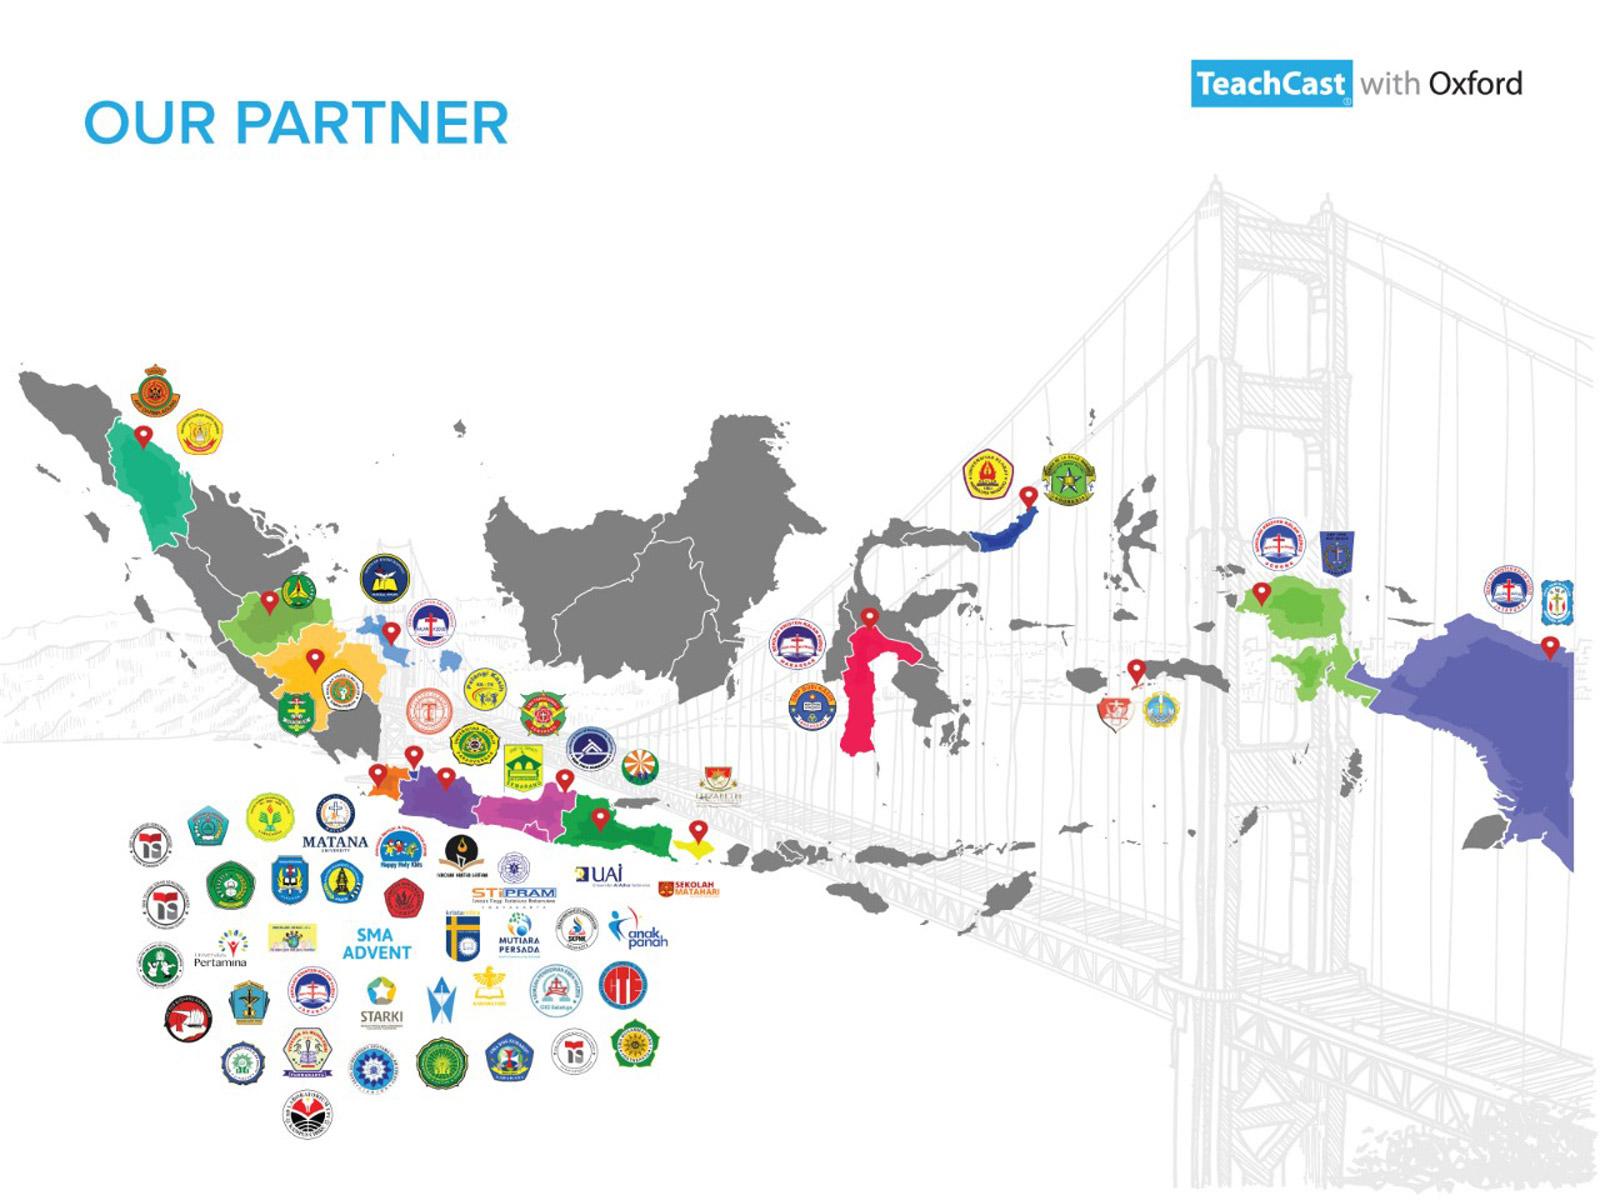 Indomobil Edukasi Utama - Partnership